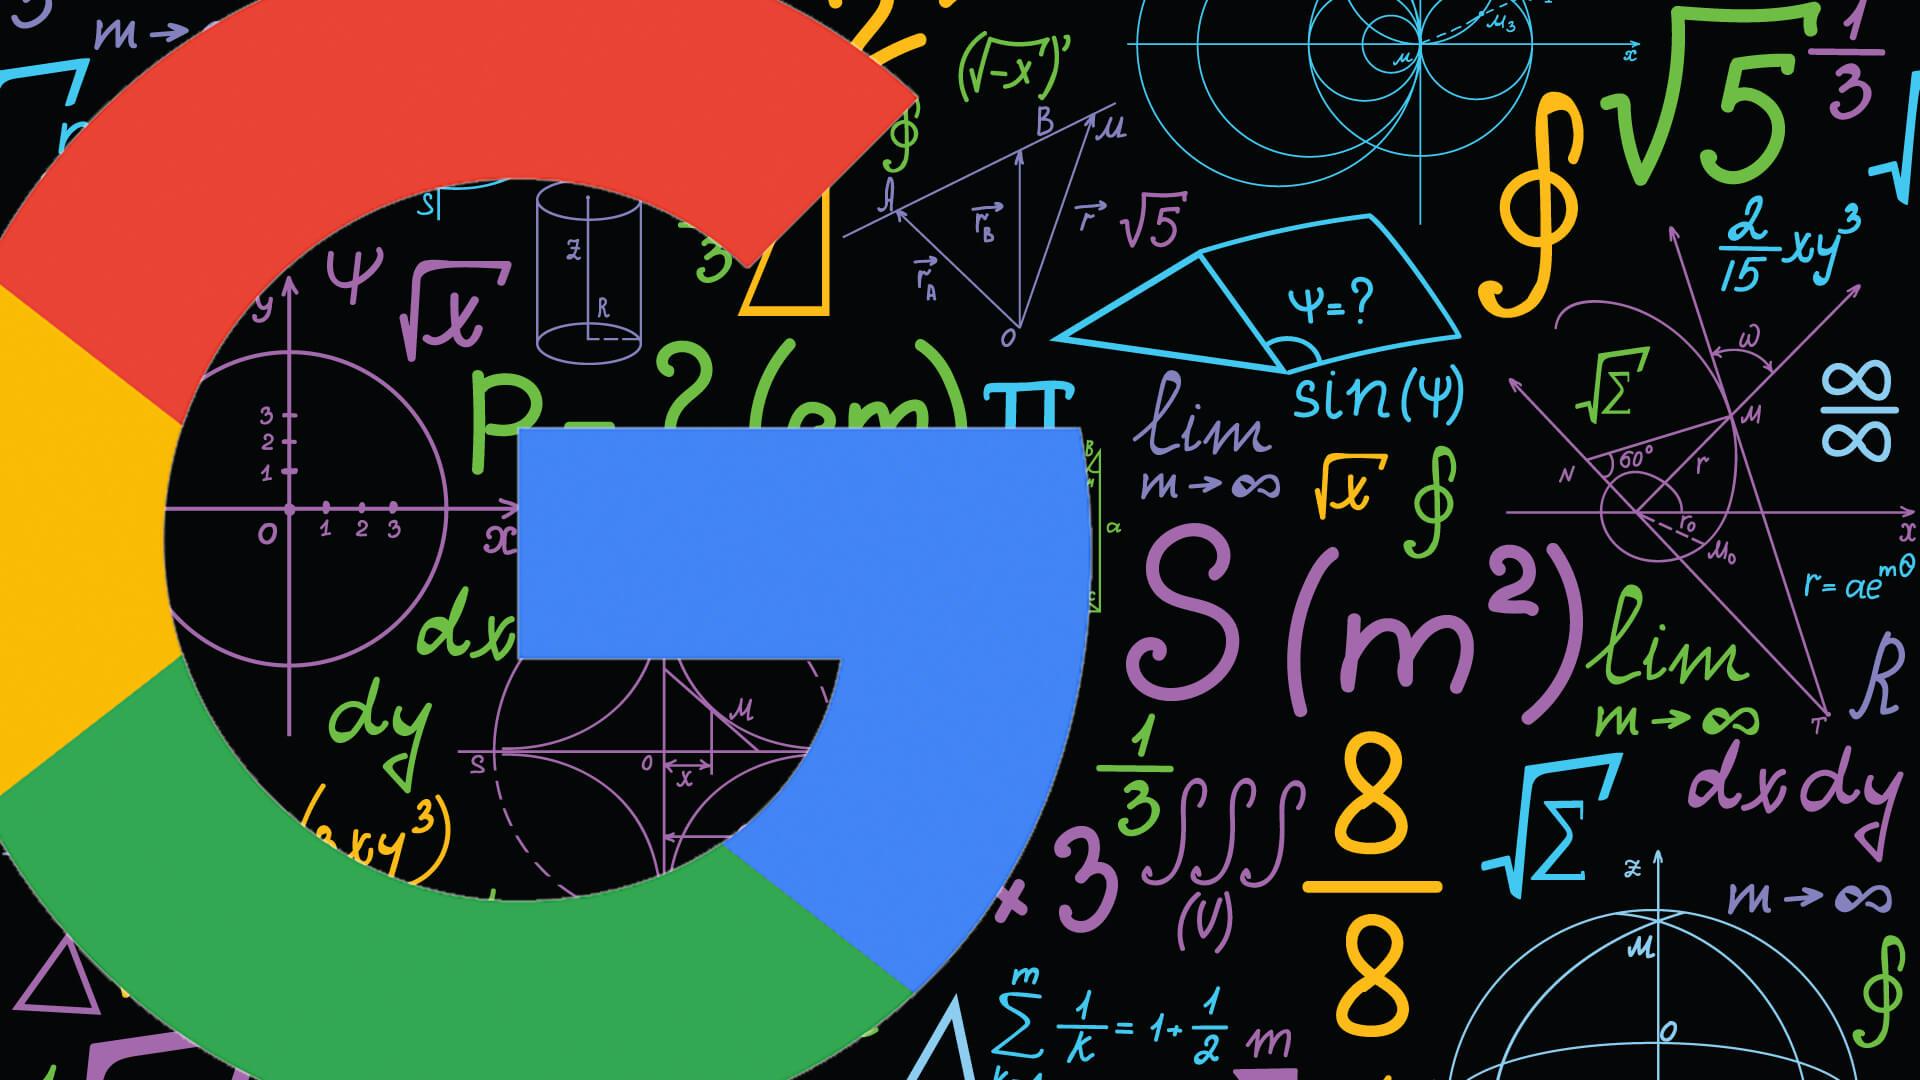 About Google Algorithm